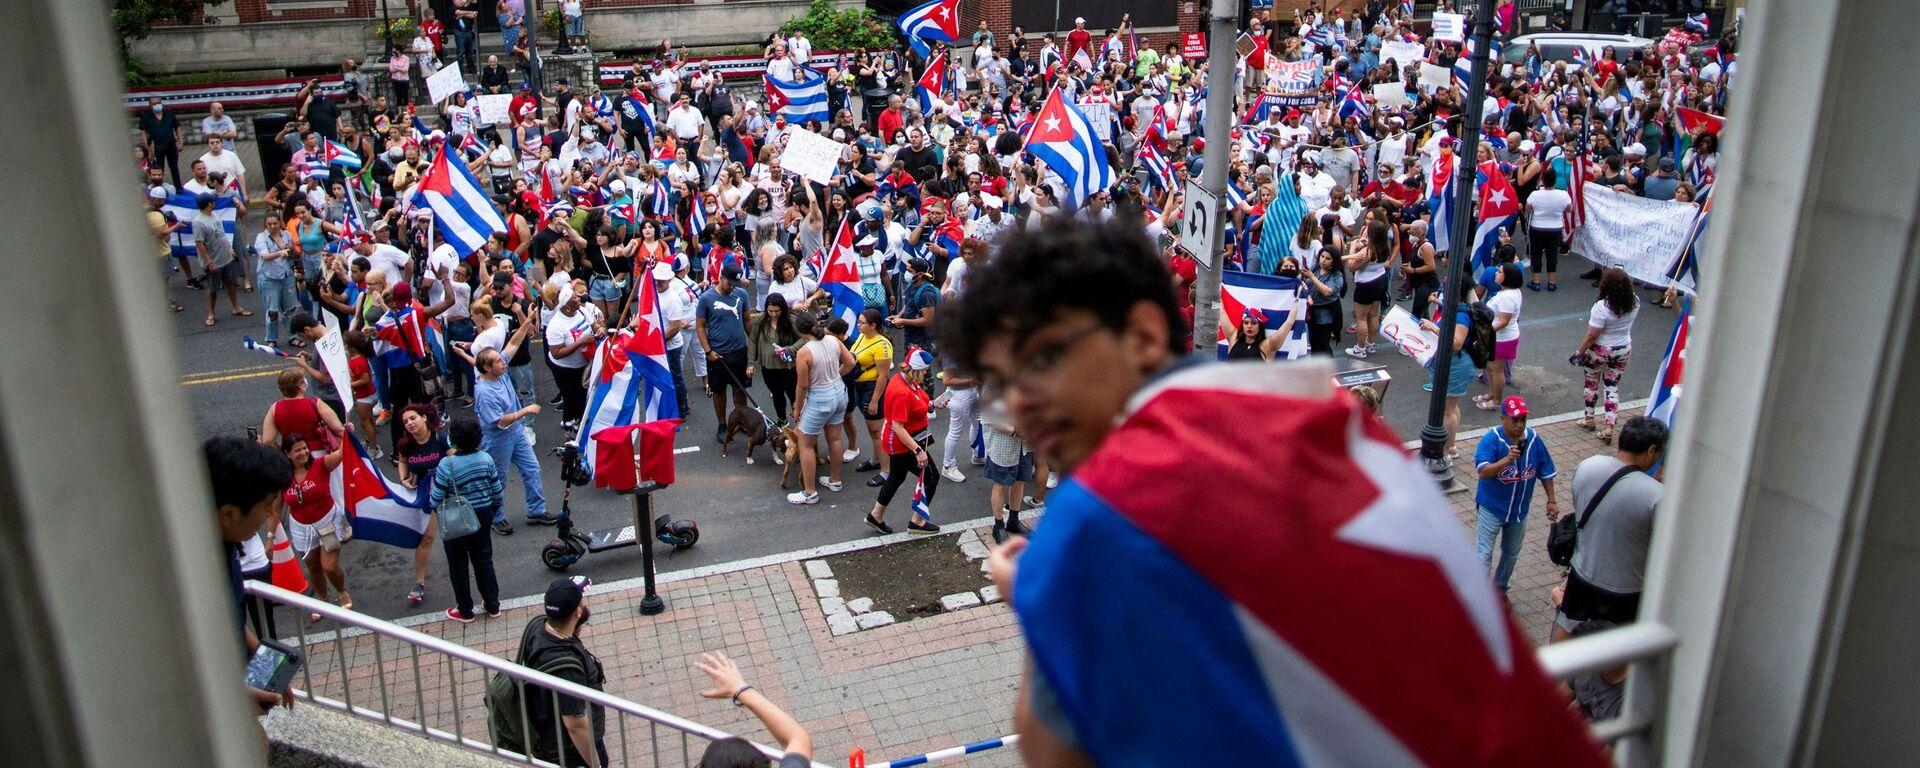 Чланови кубанске заједнице марширају и одговарају на извештаје о протестима Кубе у Њу Џерсију, САД - Sputnik Србија, 1920, 16.07.2021